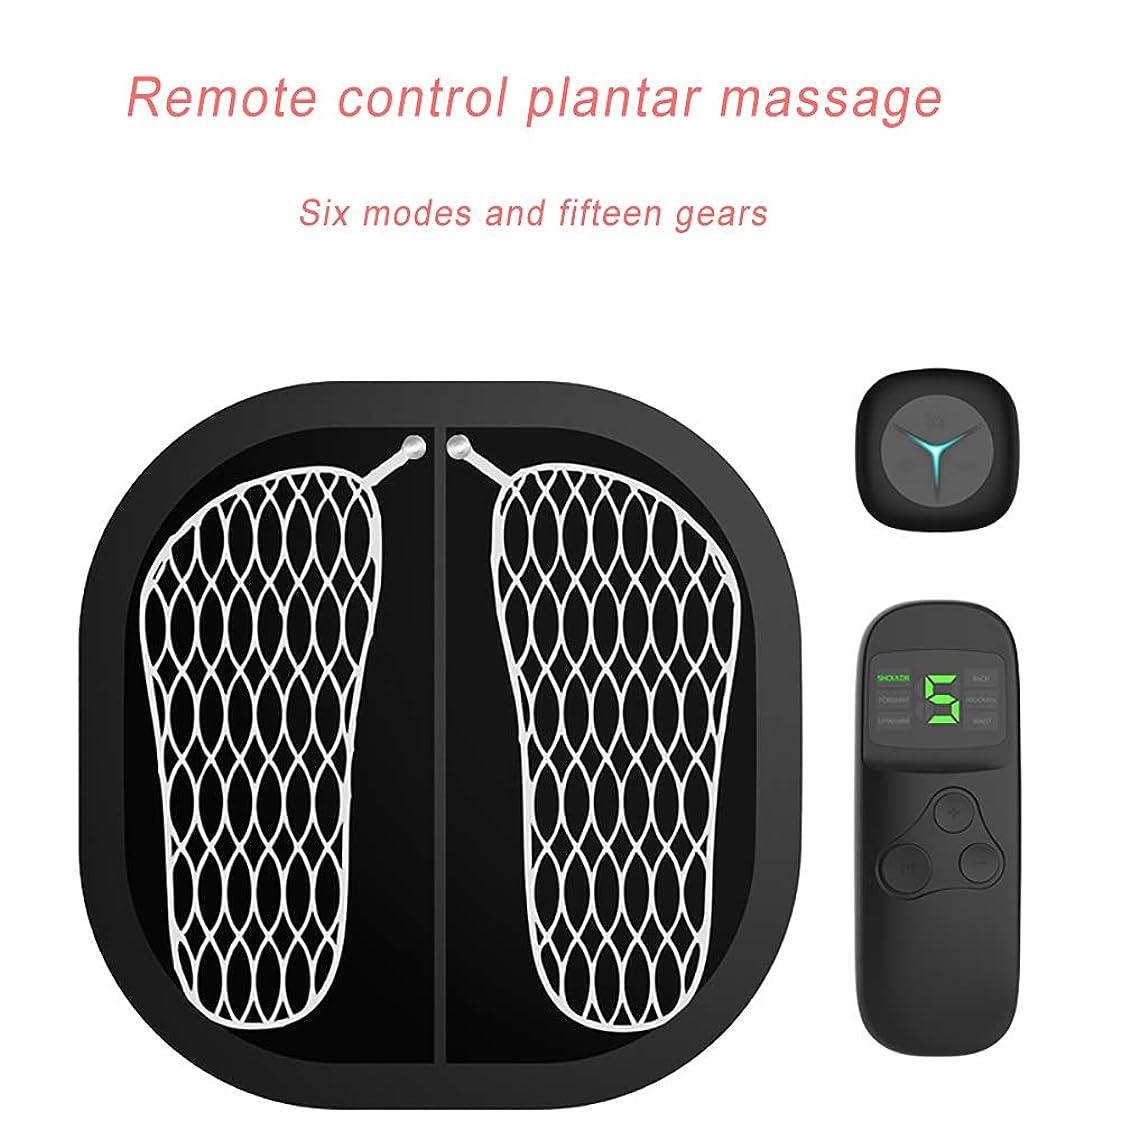 マイク保護不適当EMSフットサーキュレーションマッサージ、多機能インテリジェントフットマッサージ、鍼治療のポイントを刺激、痛みを和らげ、疲労を軽減6モードUSB充電,Black